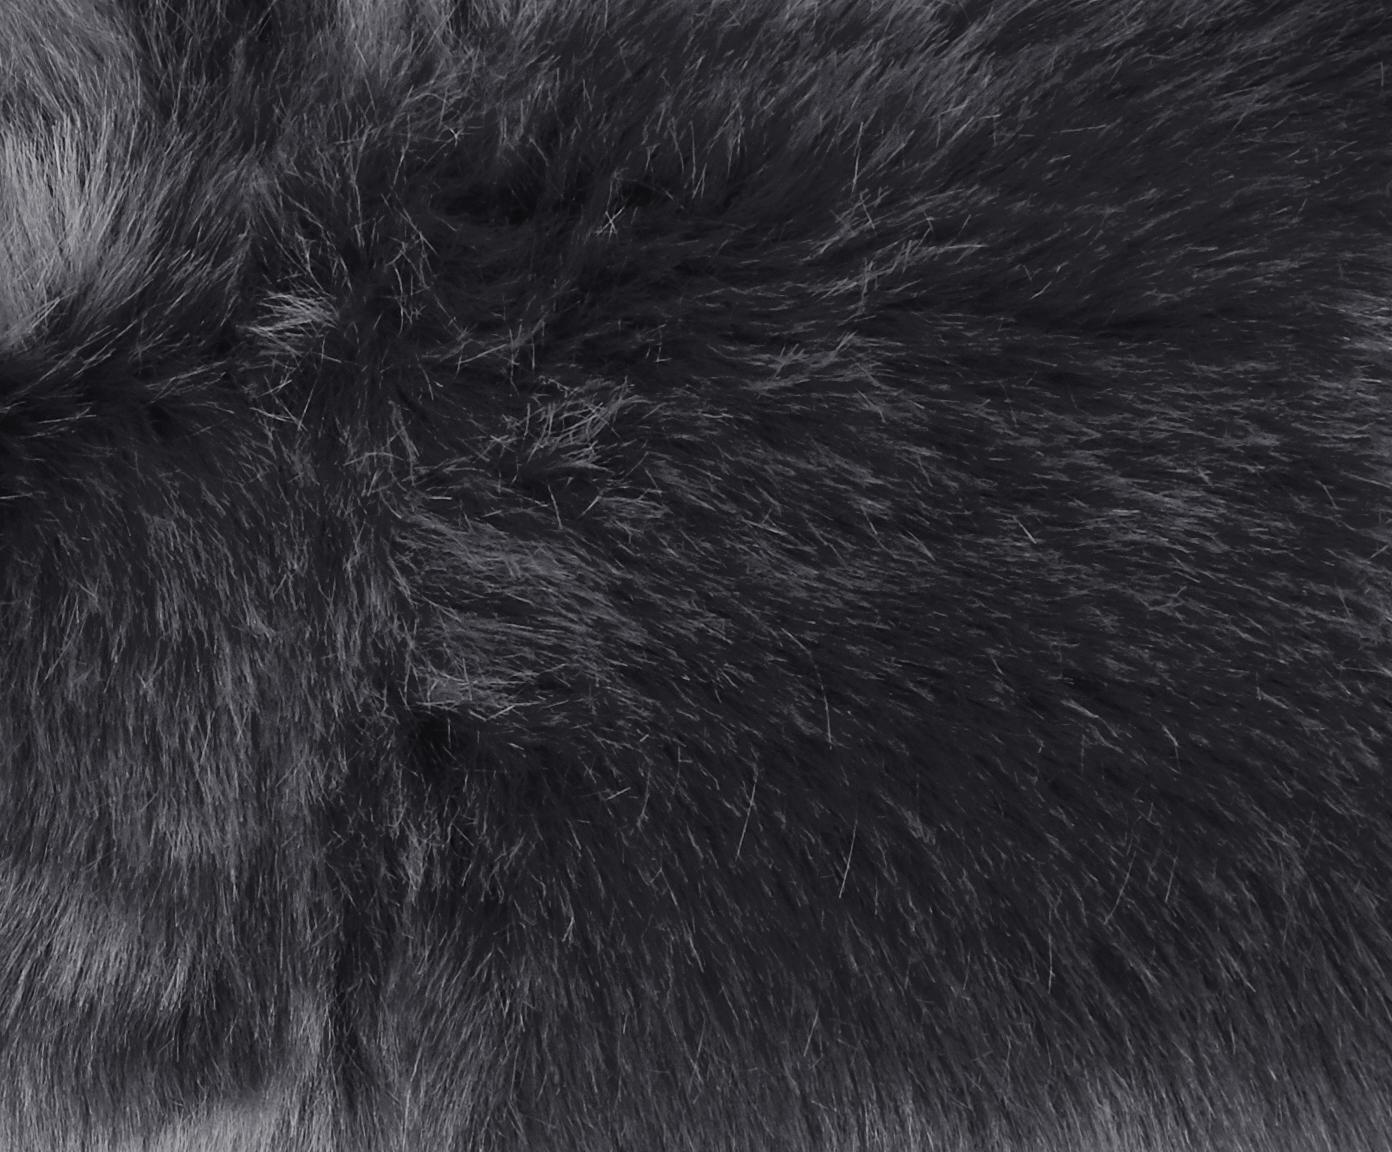 Kunstfell-Teppich Mathilde, glatt, Flor: 65% Acryl, 35% Polyester, Rückseite: 100% Polyester, Dunkelgrau, 60 x 180 cm